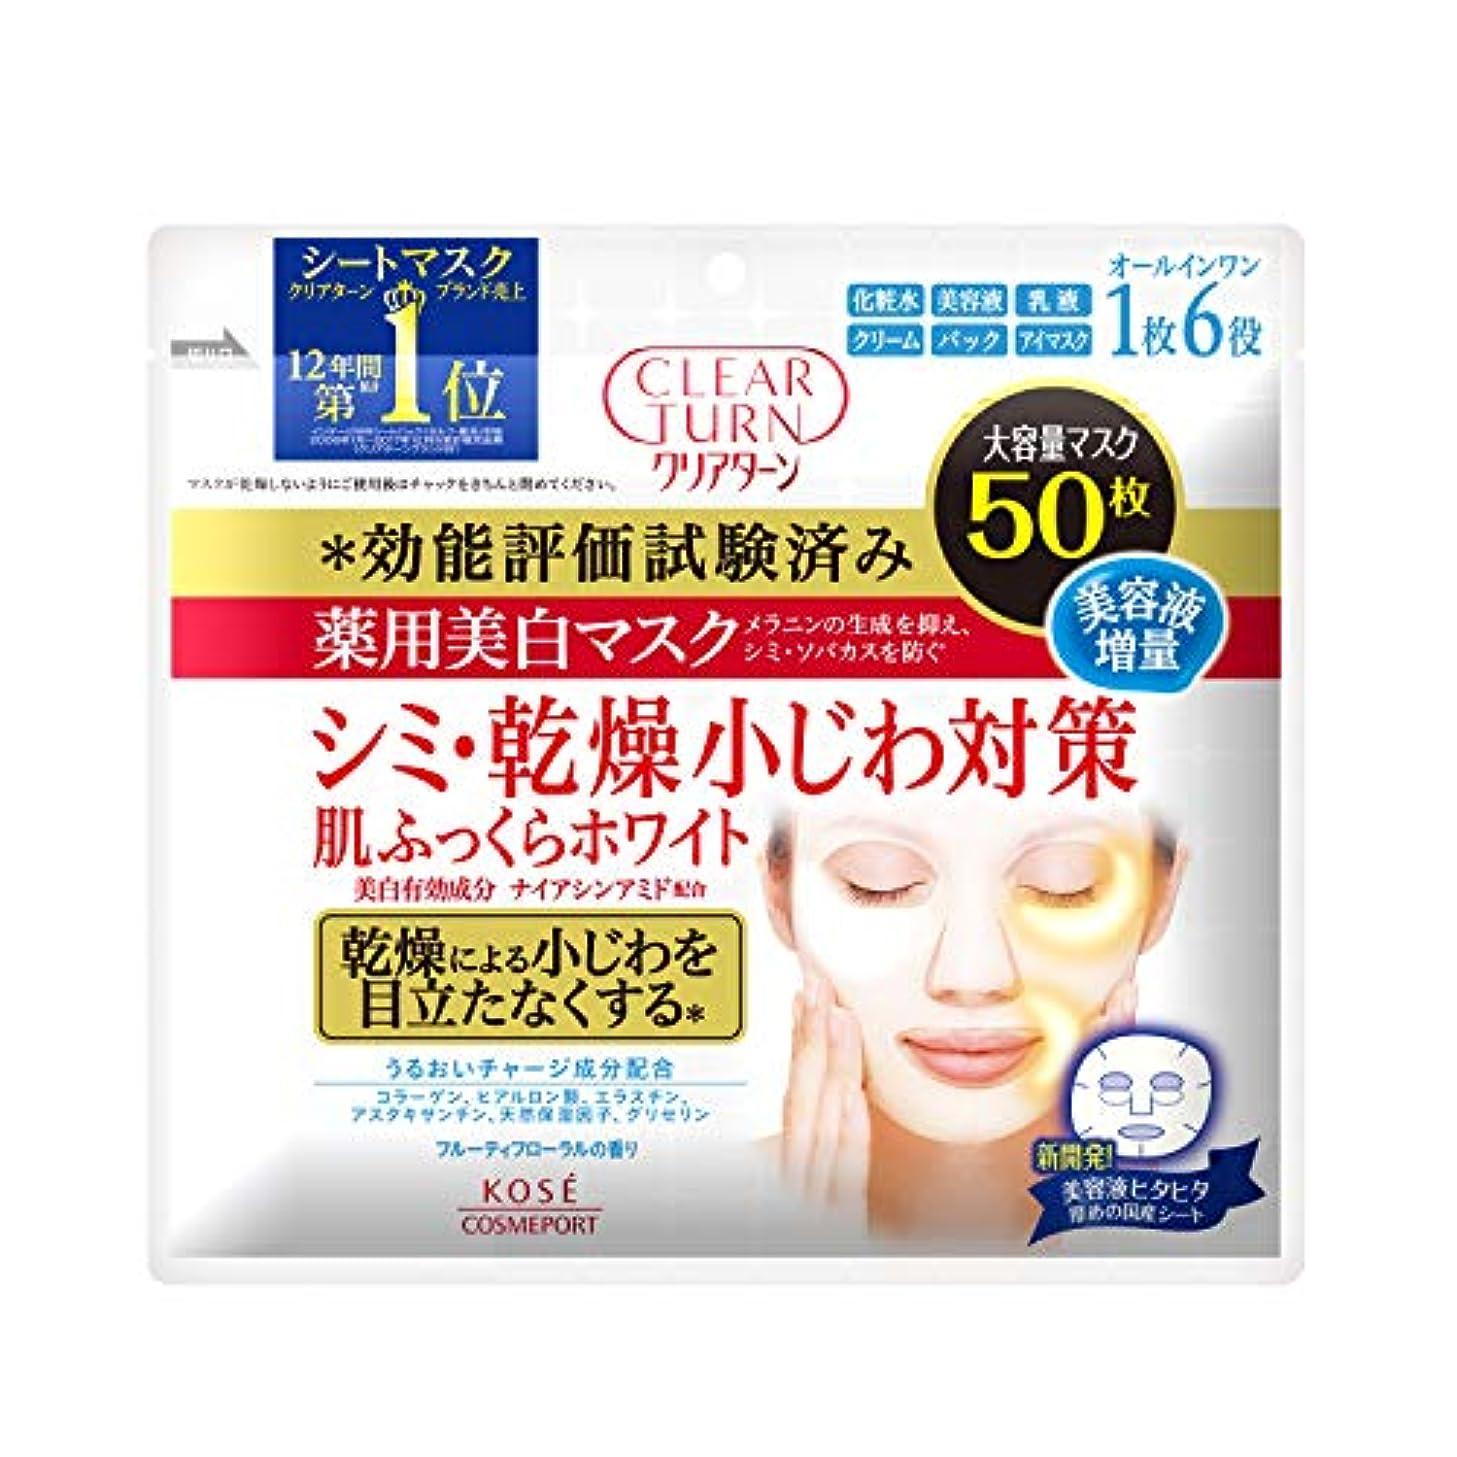 アレルギー性排出トランクKOSE コーセー クリアターン 薬用美白 肌ホワイト マスク 50枚 フェイスマスク (医薬部外品)